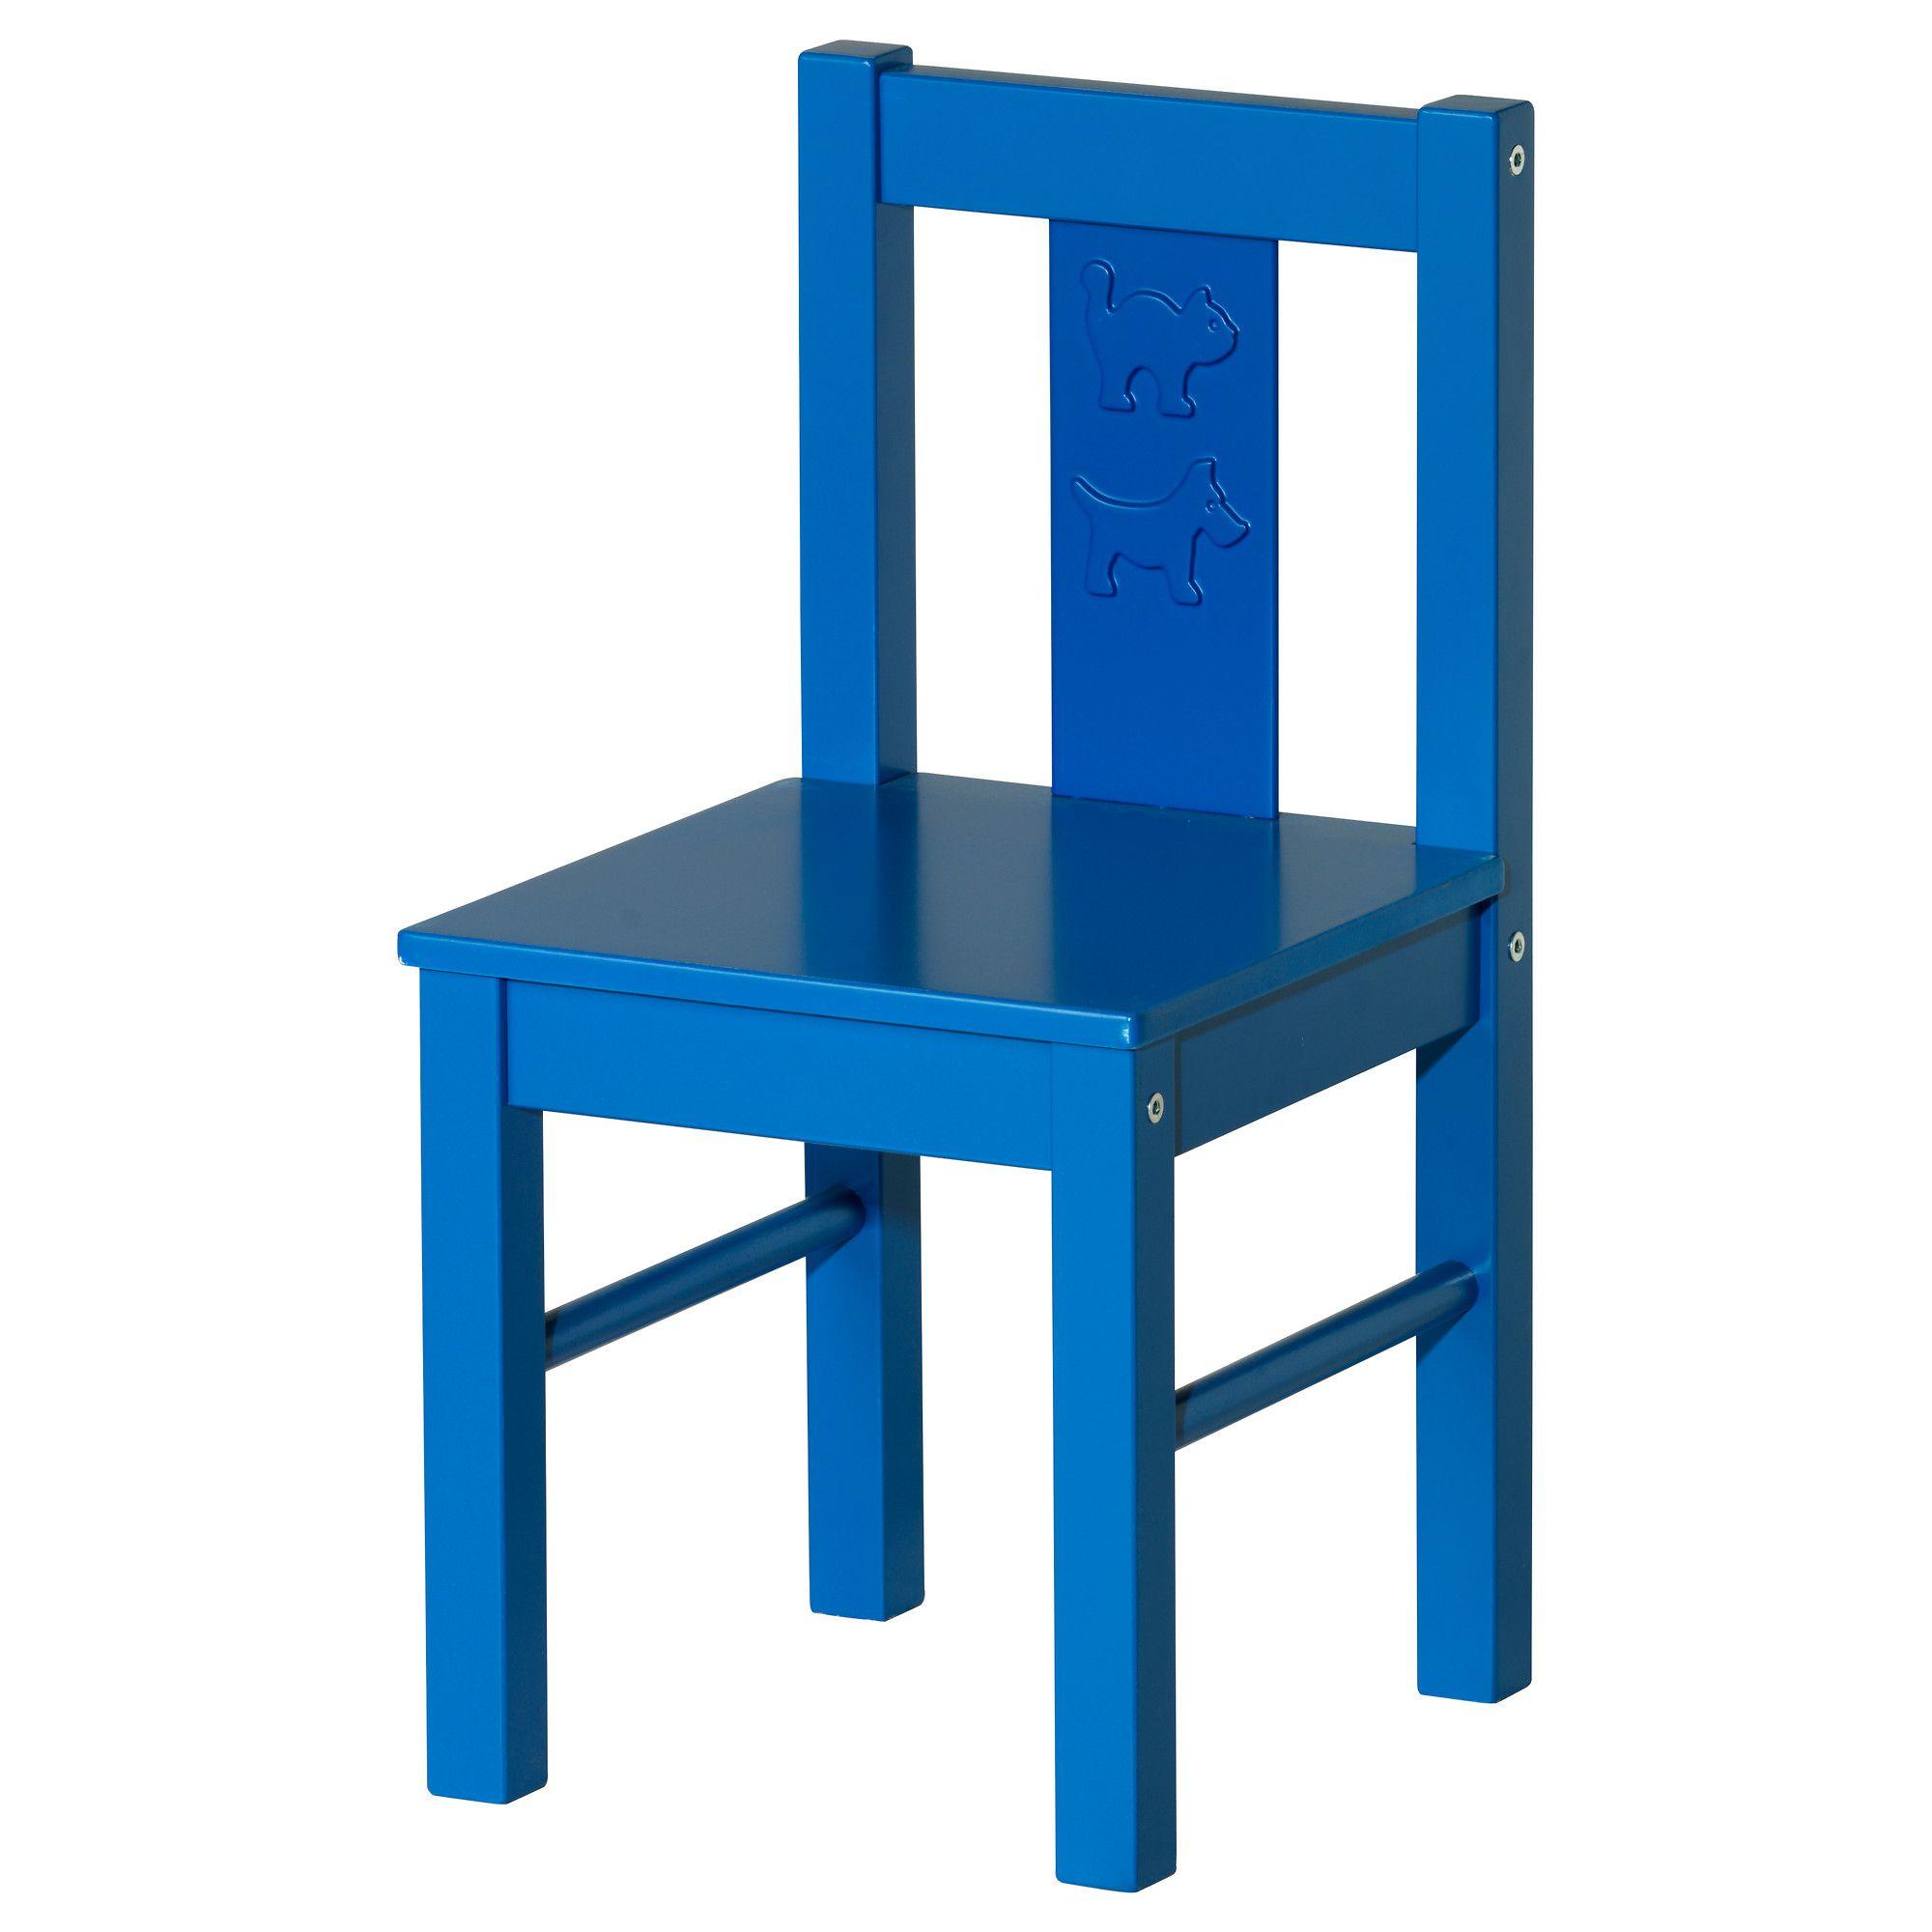 KRITTER Childrens Chair   Blue   IKEA